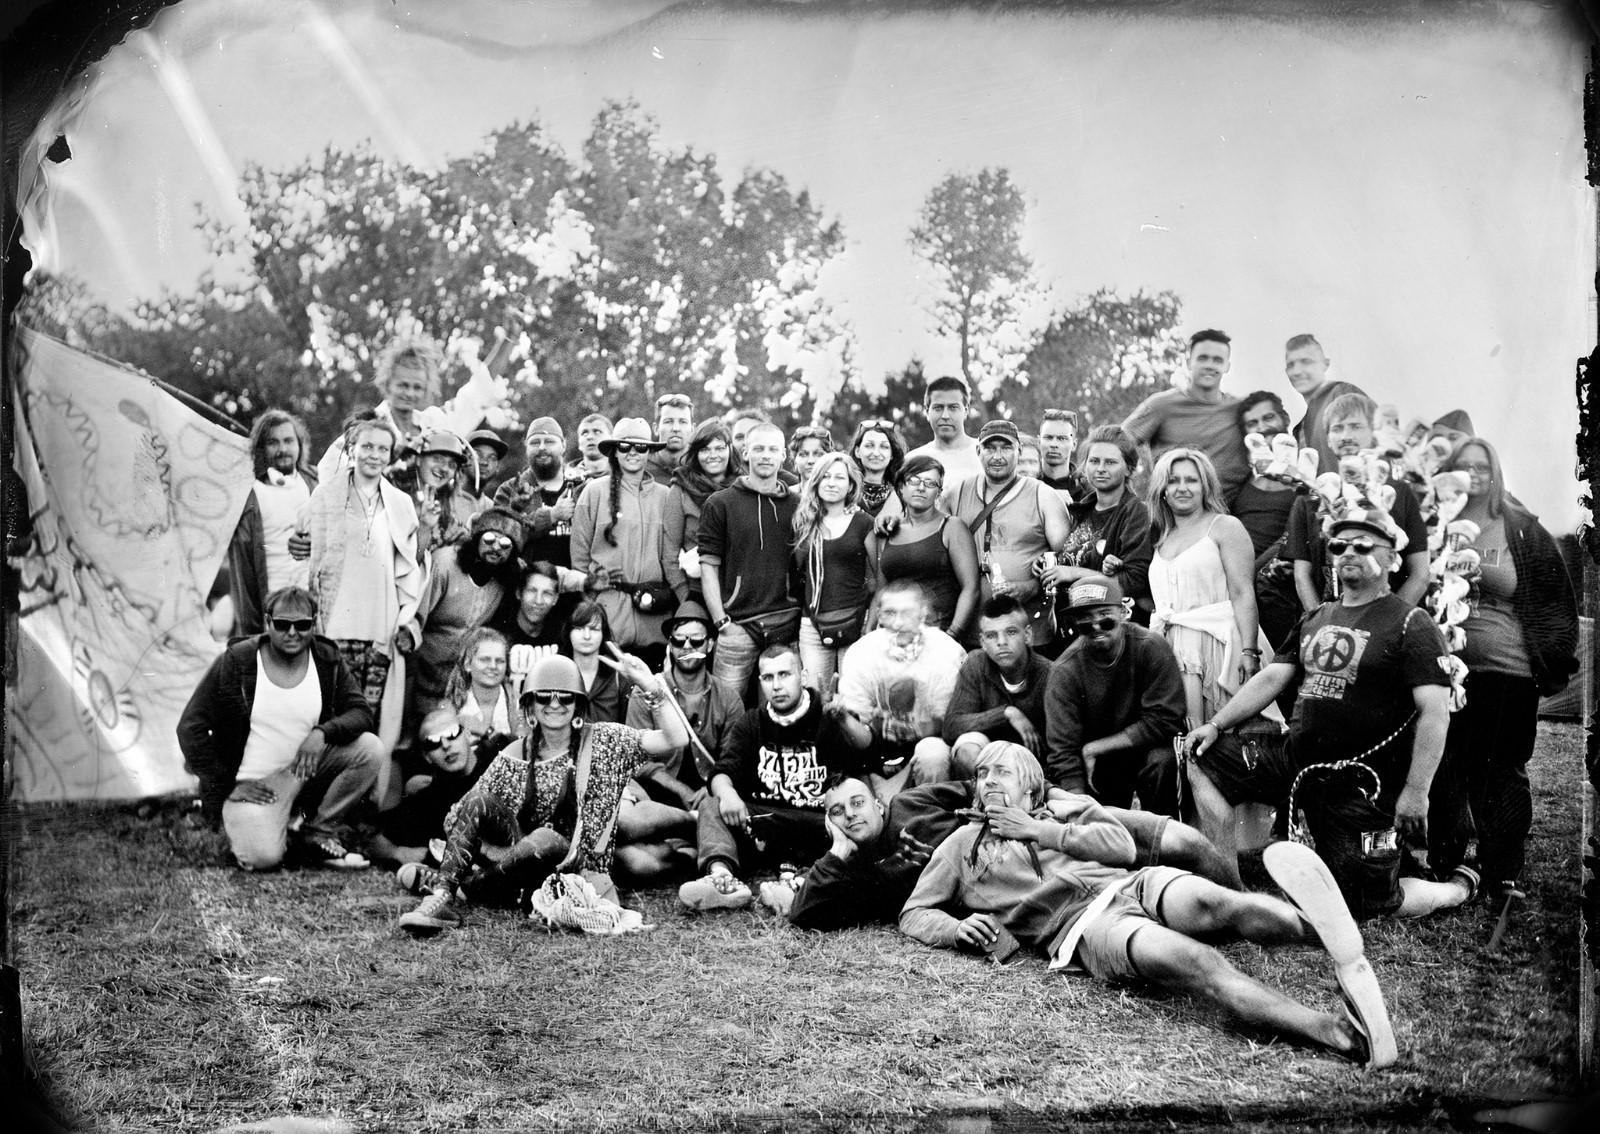 Przystanek Woodstock 2015 - Mokry Kolodion - Street Collodion Art (17)